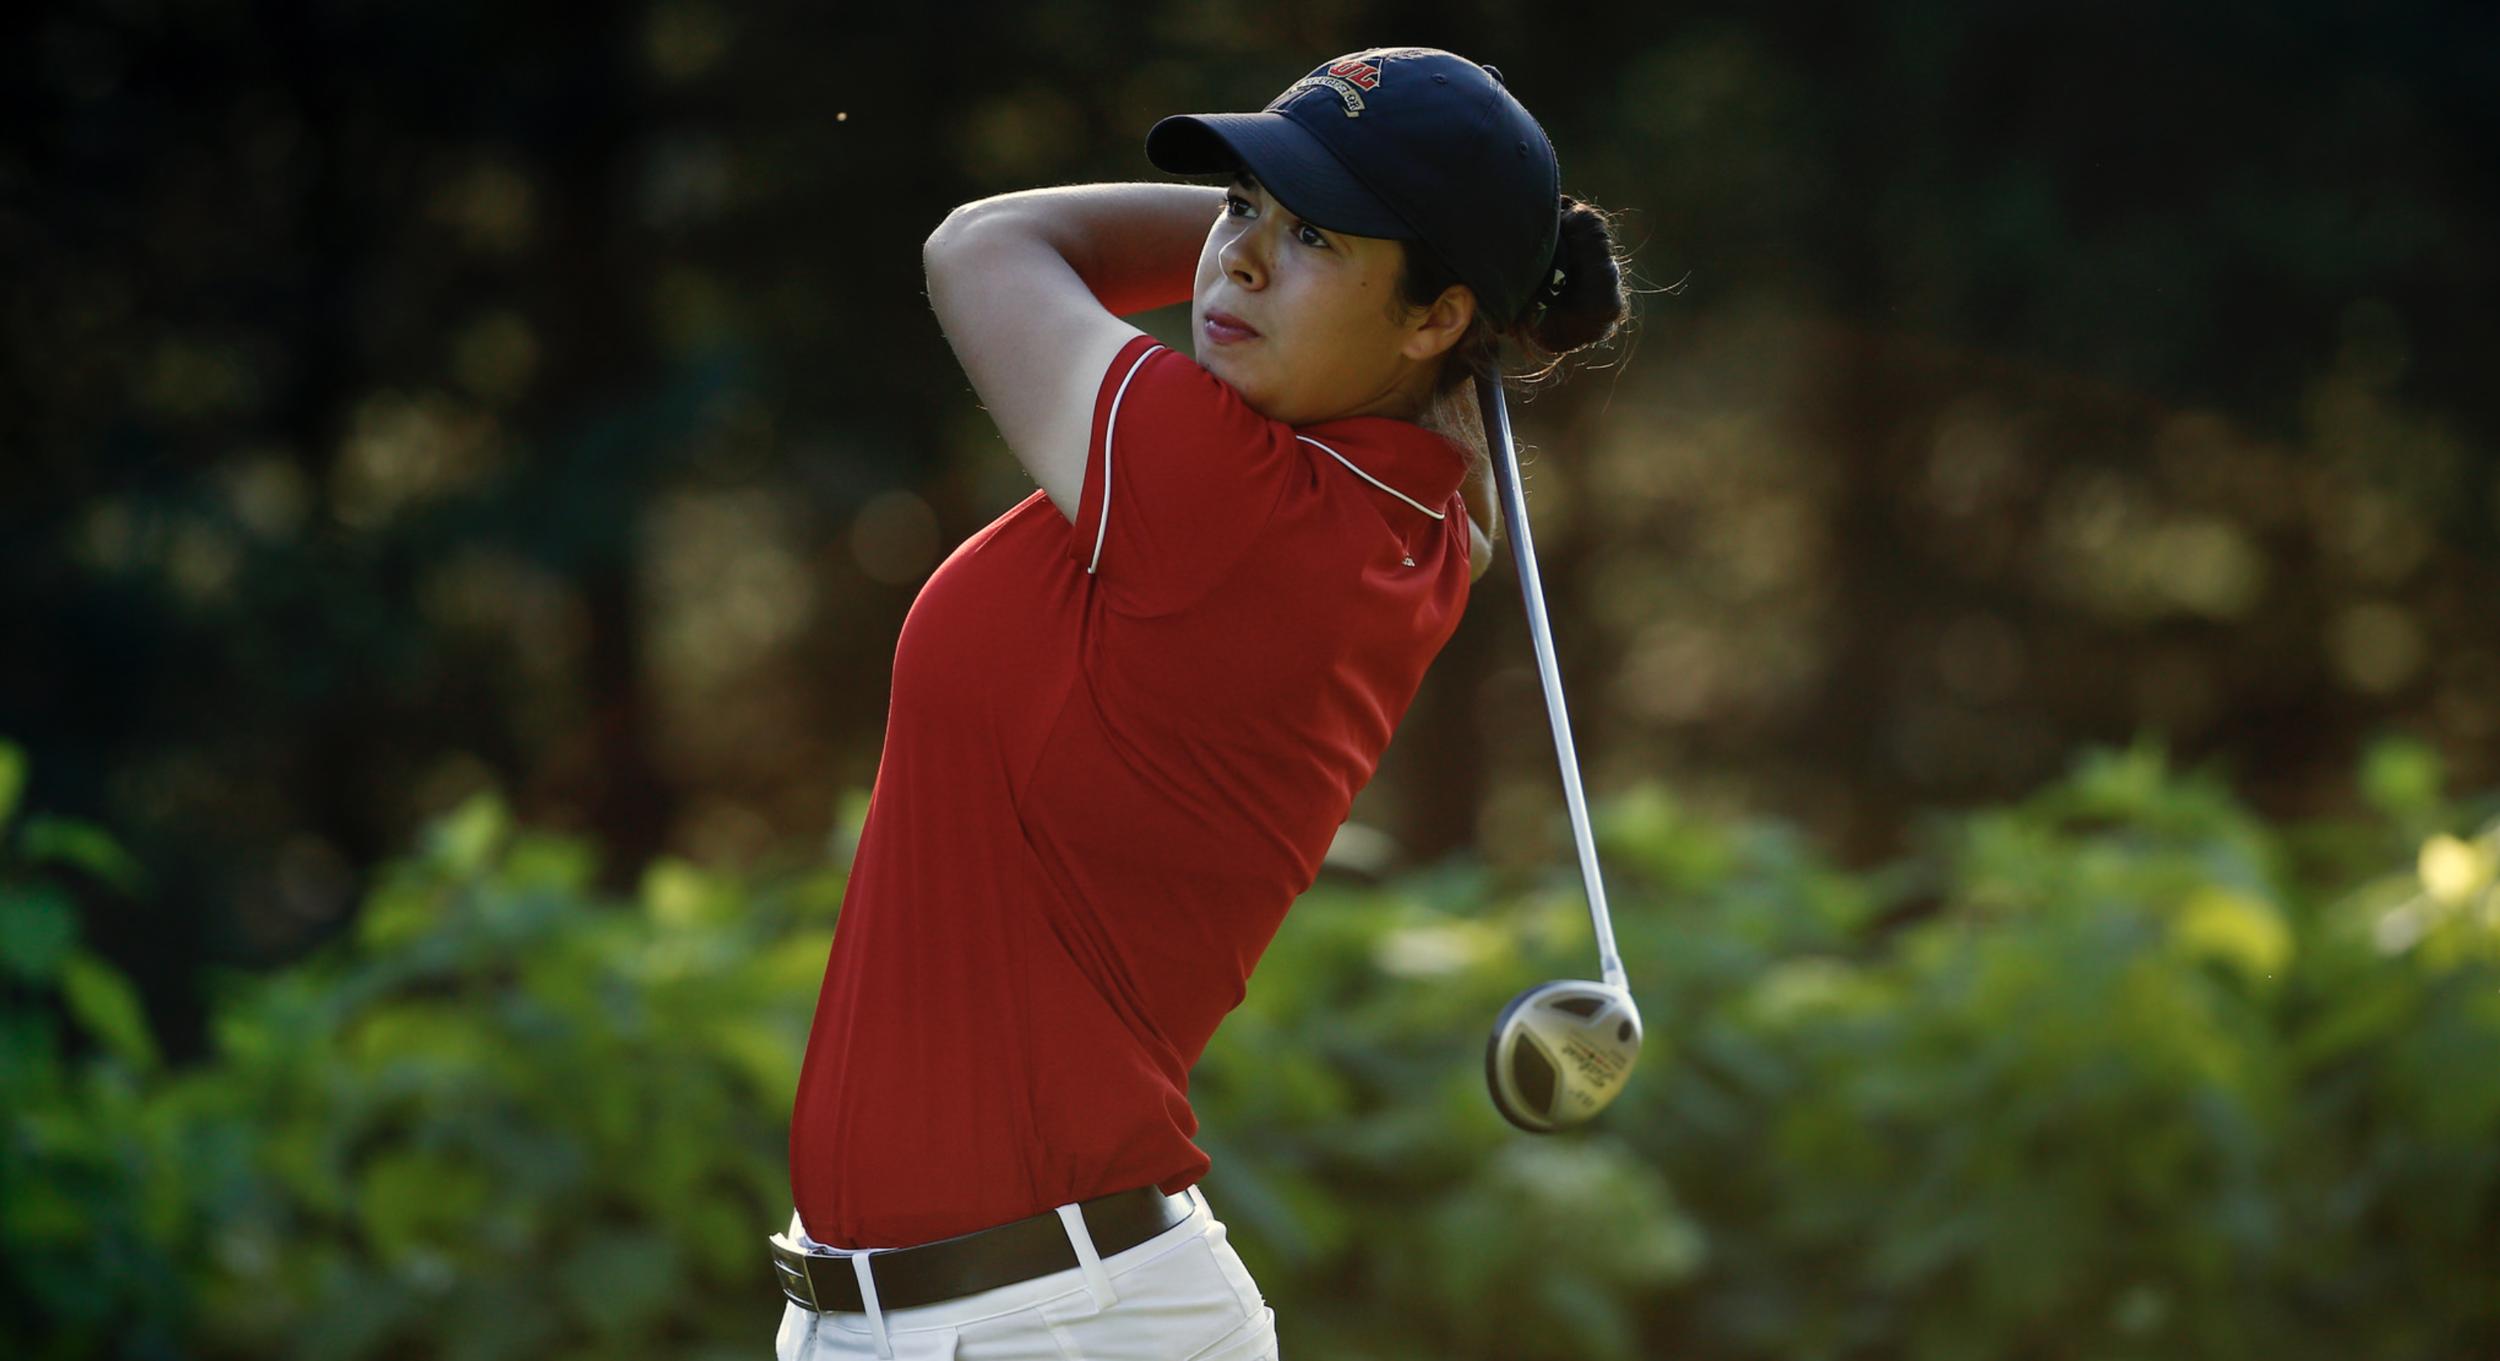 Programmesport-études - académie de golf junior à temps plein